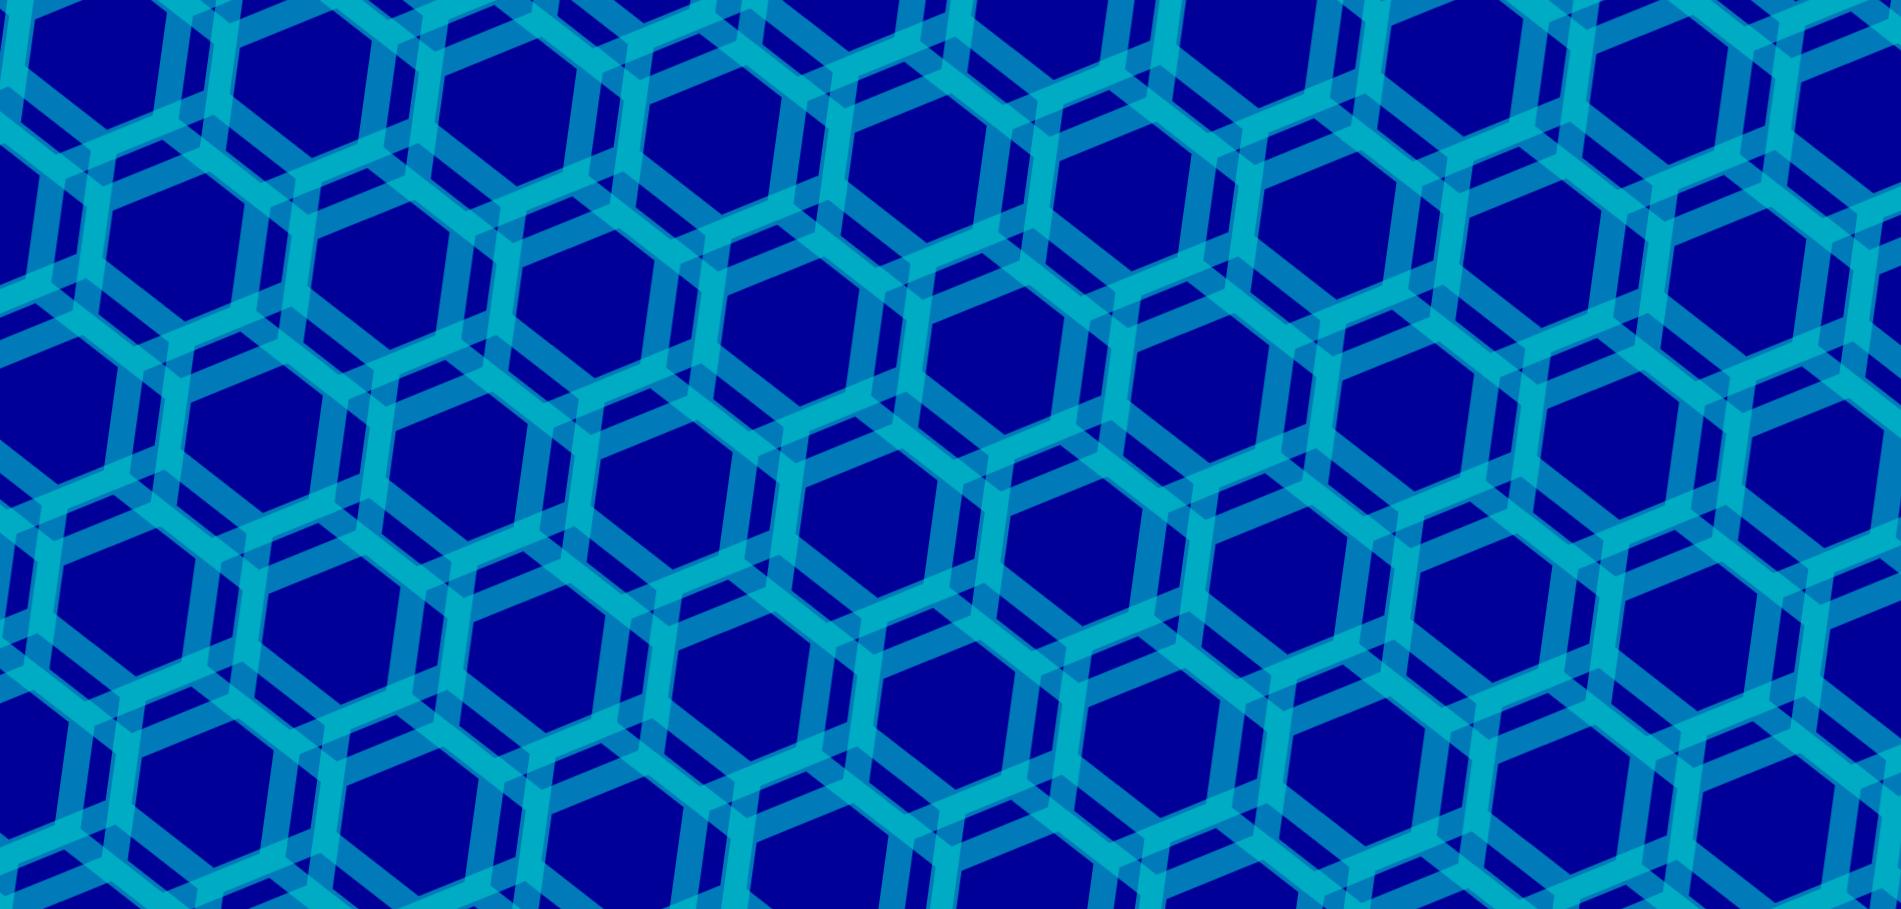 网格六边形图案svg特效